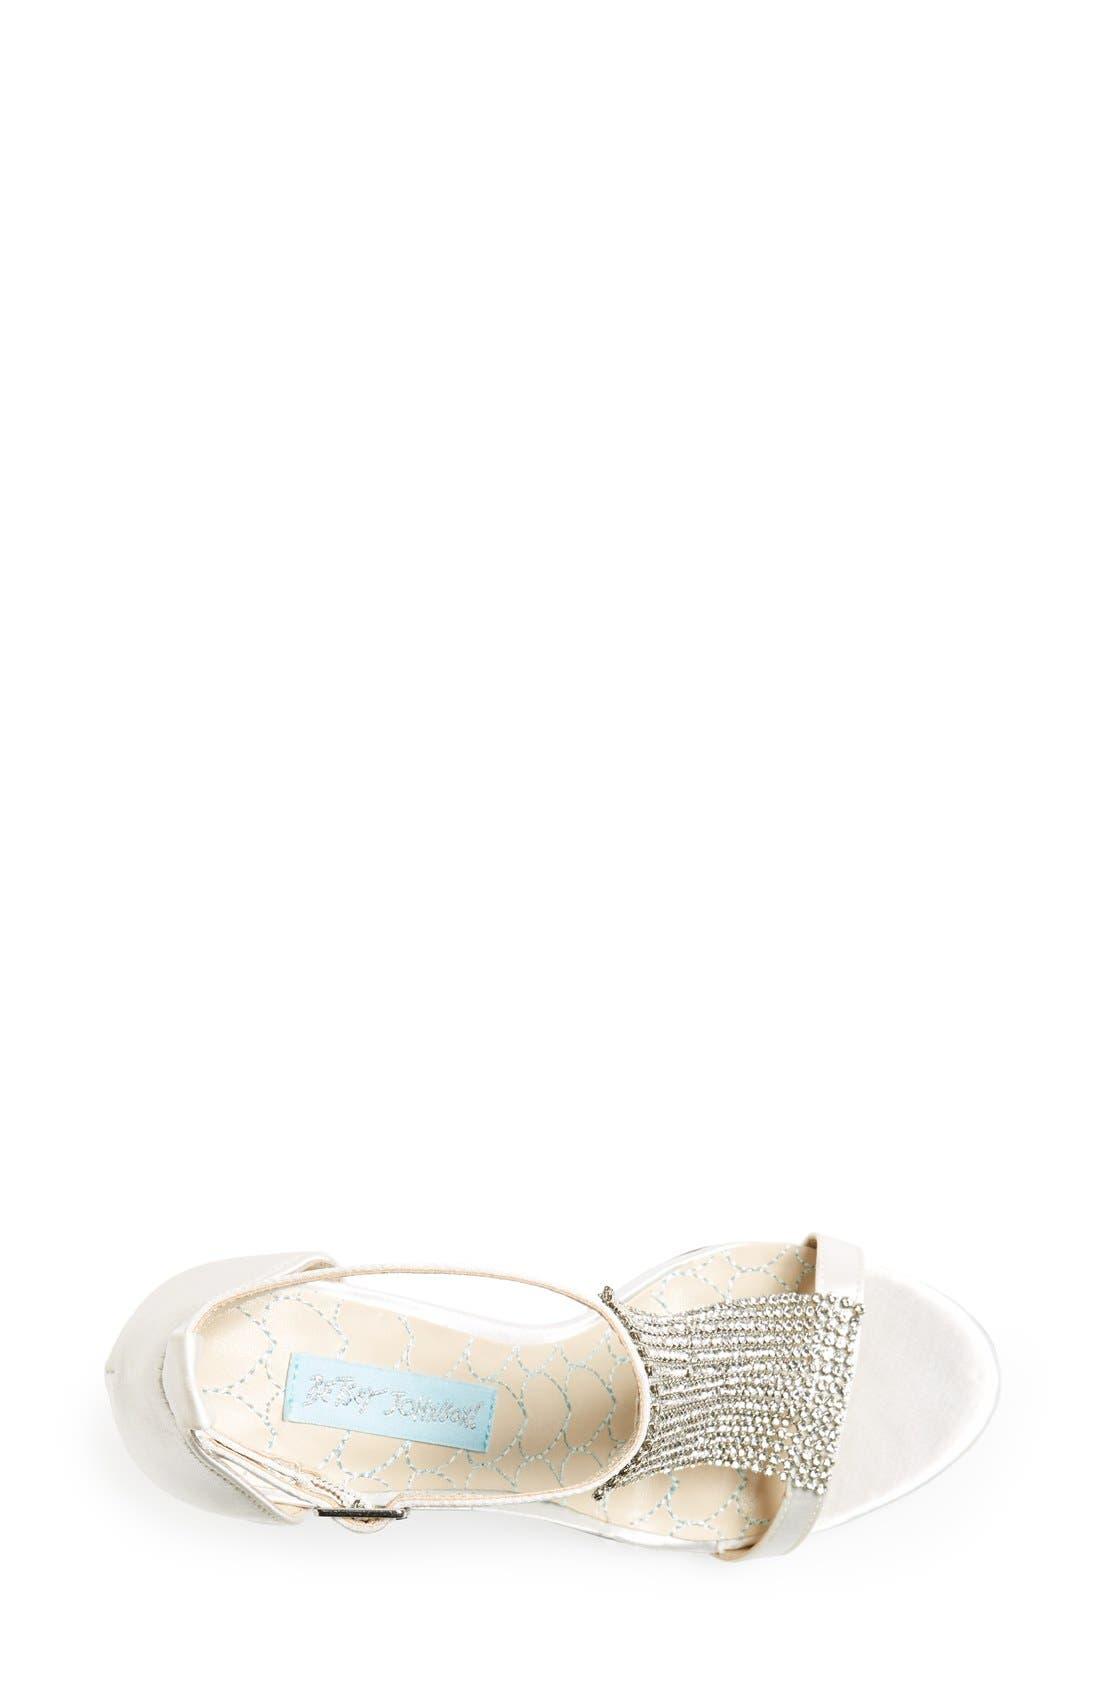 Alternate Image 3  - Blue by Betsey Johnson 'Mesh' Sandal (Women)